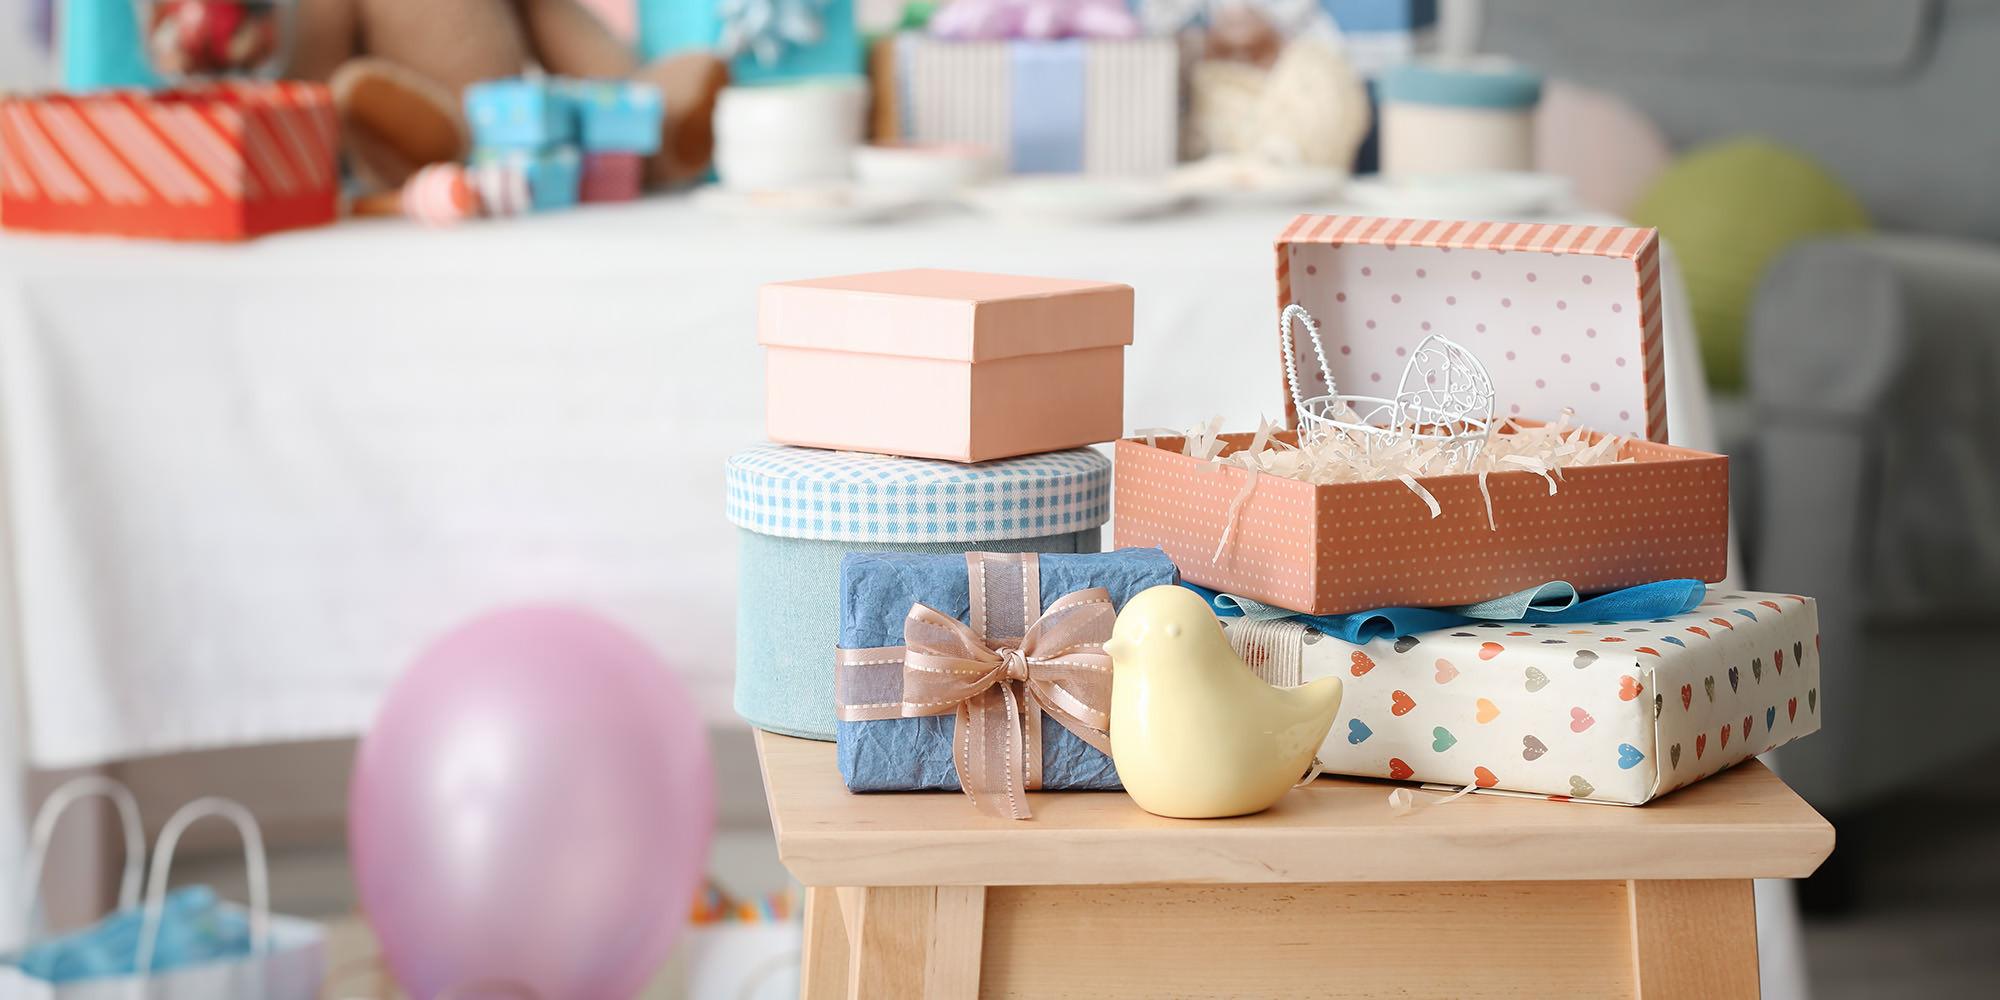 Sinnvolle Geschenke  Geschenke zur Geburt 77 sinnvolle und originelle